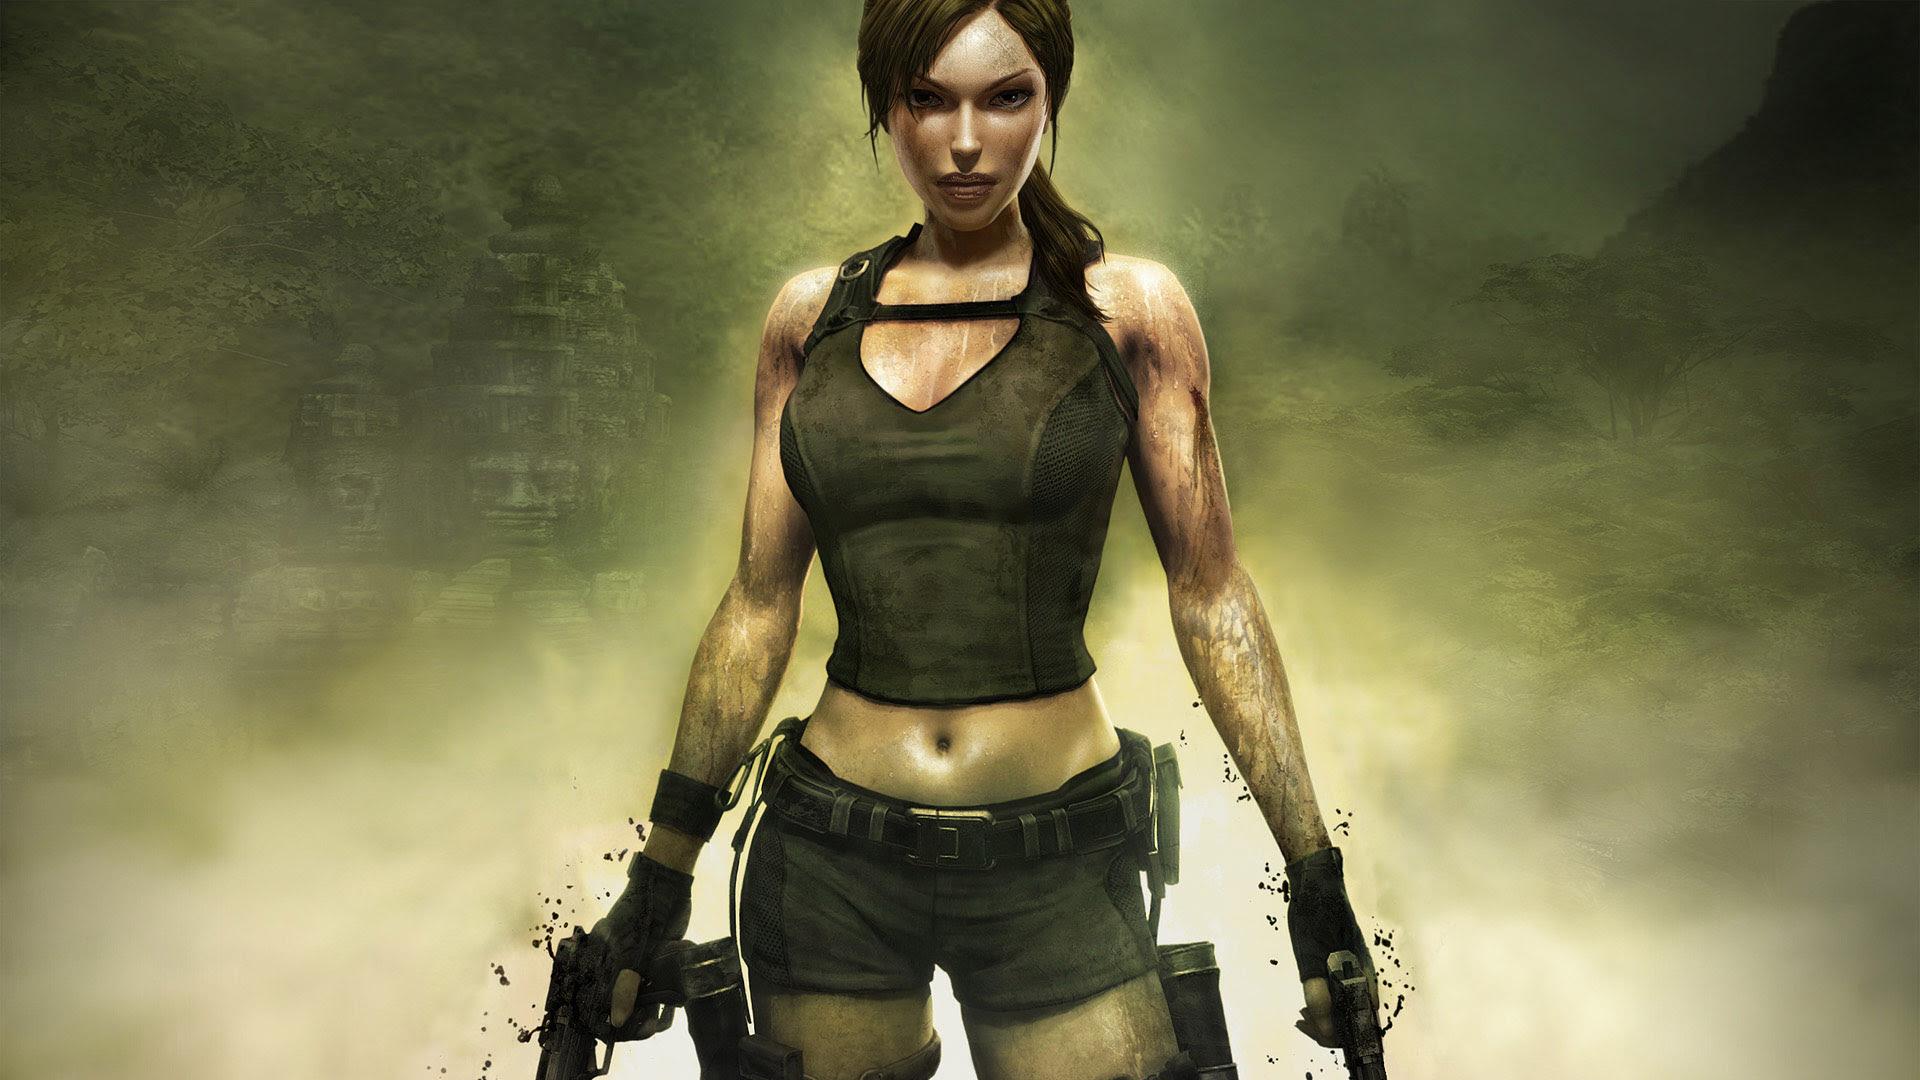 Lara Croft Tomb Raider Wallpaper 1920x1080 25687